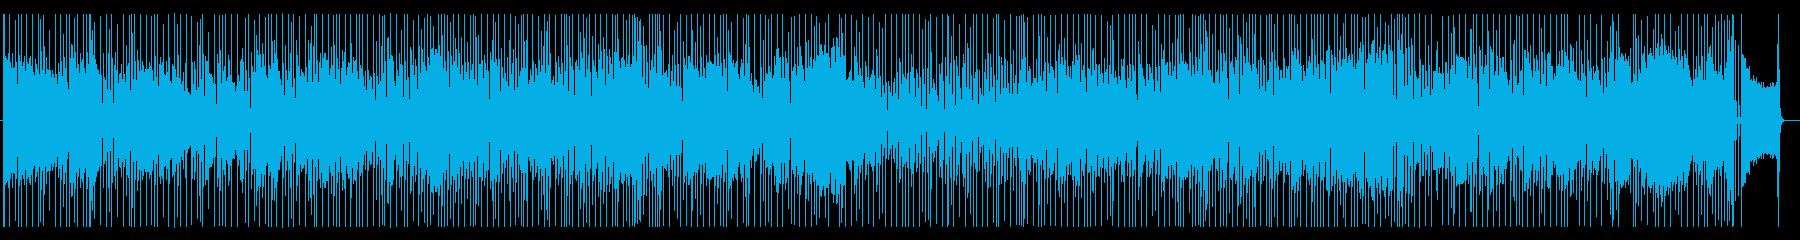 昔懐かしい感じな R&B 歌謡曲 BGMの再生済みの波形